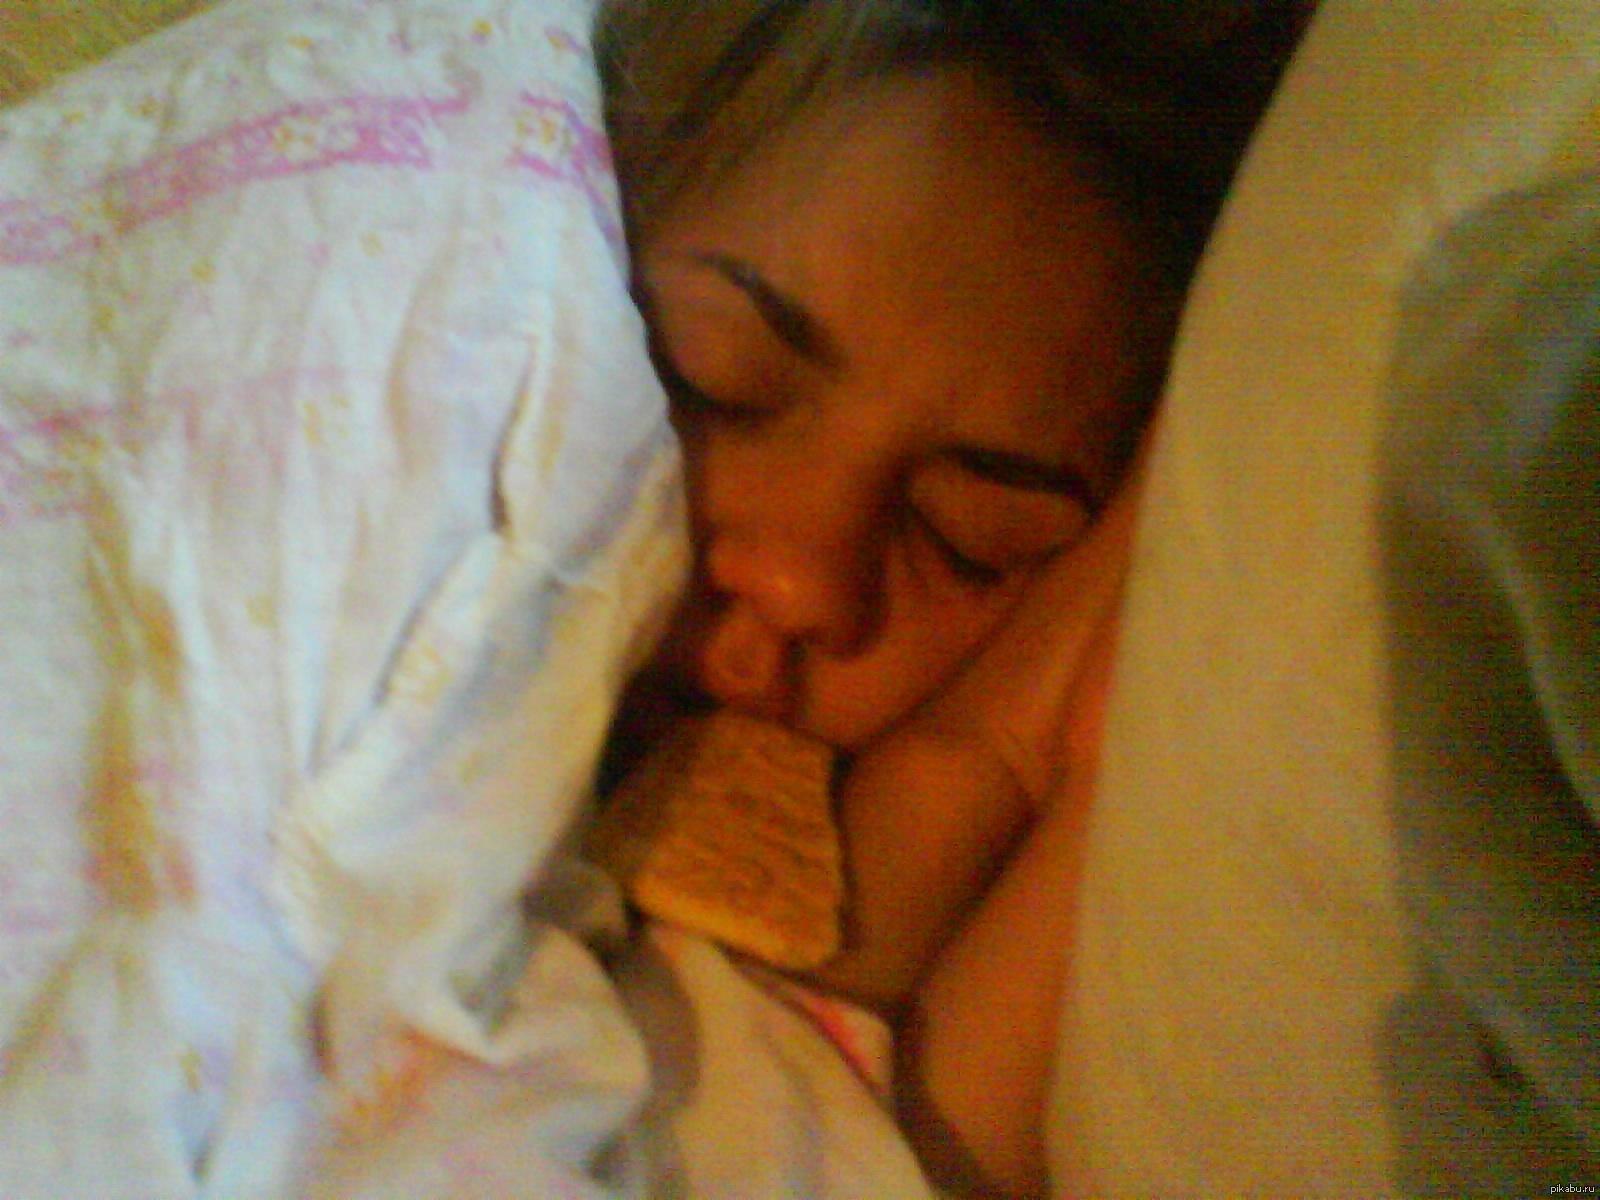 Сын дал в рот спящей матери 6 фотография